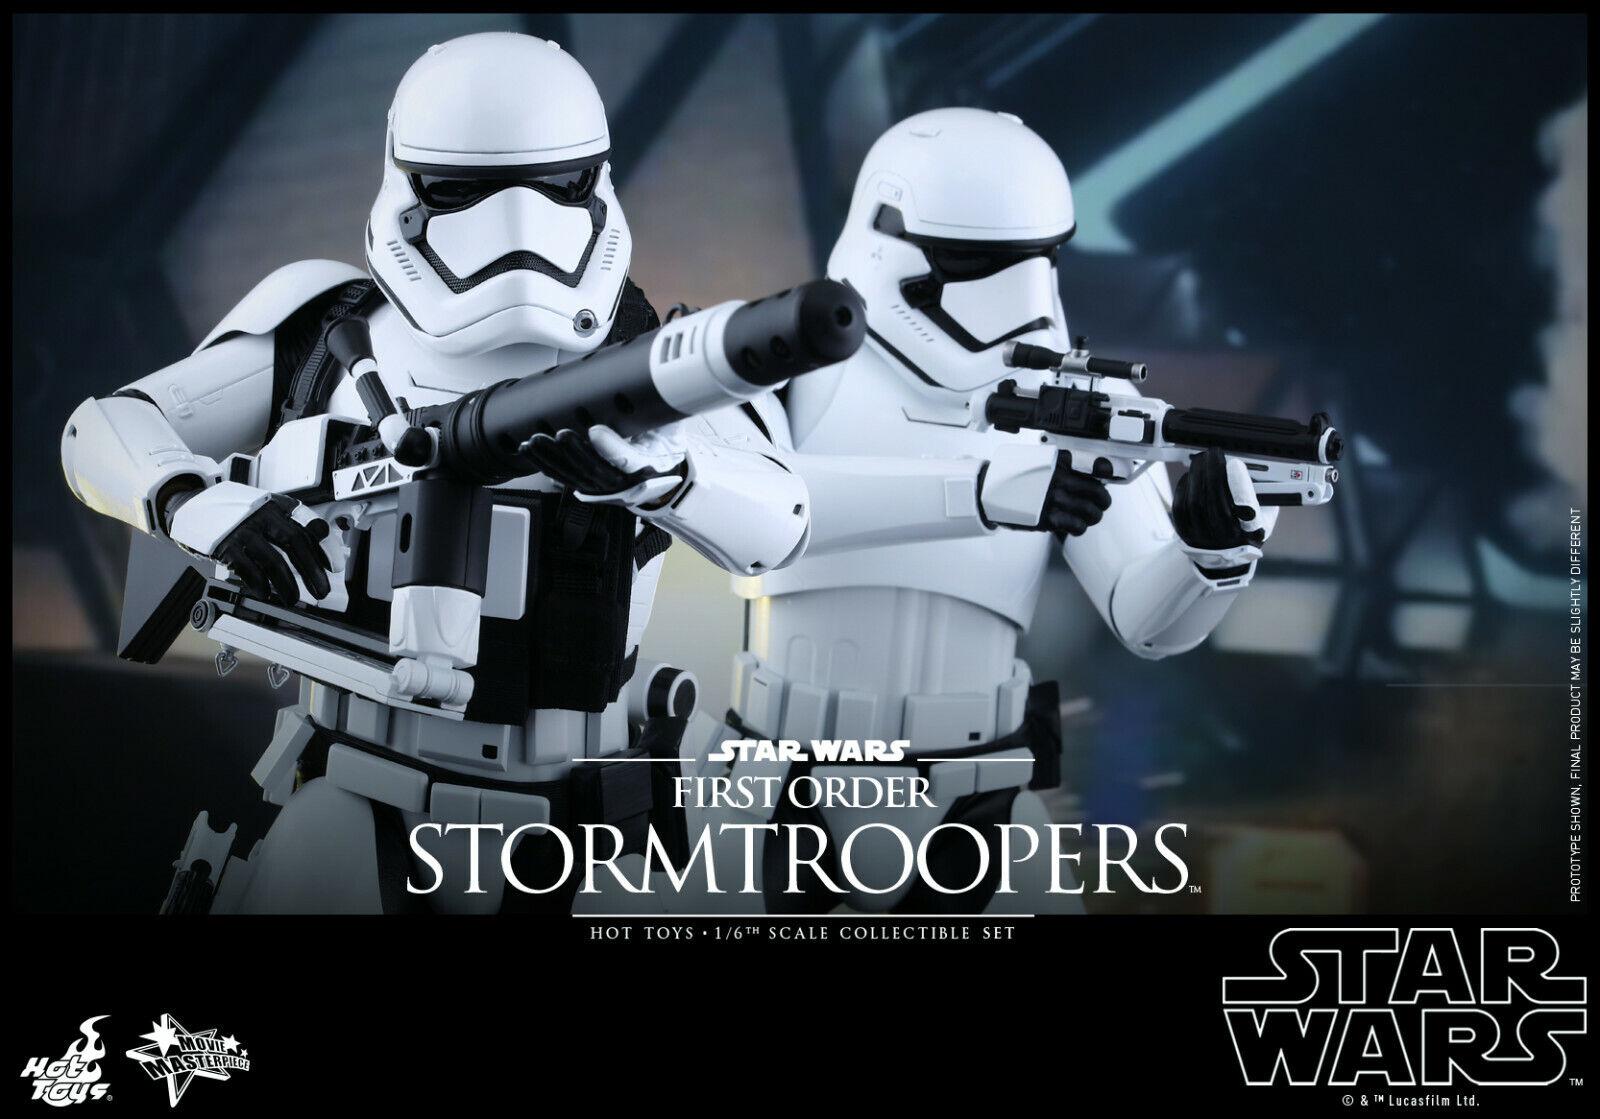 Caliente giocattoli estrella guerras  FORCE AWAKENS STORMTROOPERS SET 12  1 6 azione cifra MMS319  migliore vendita